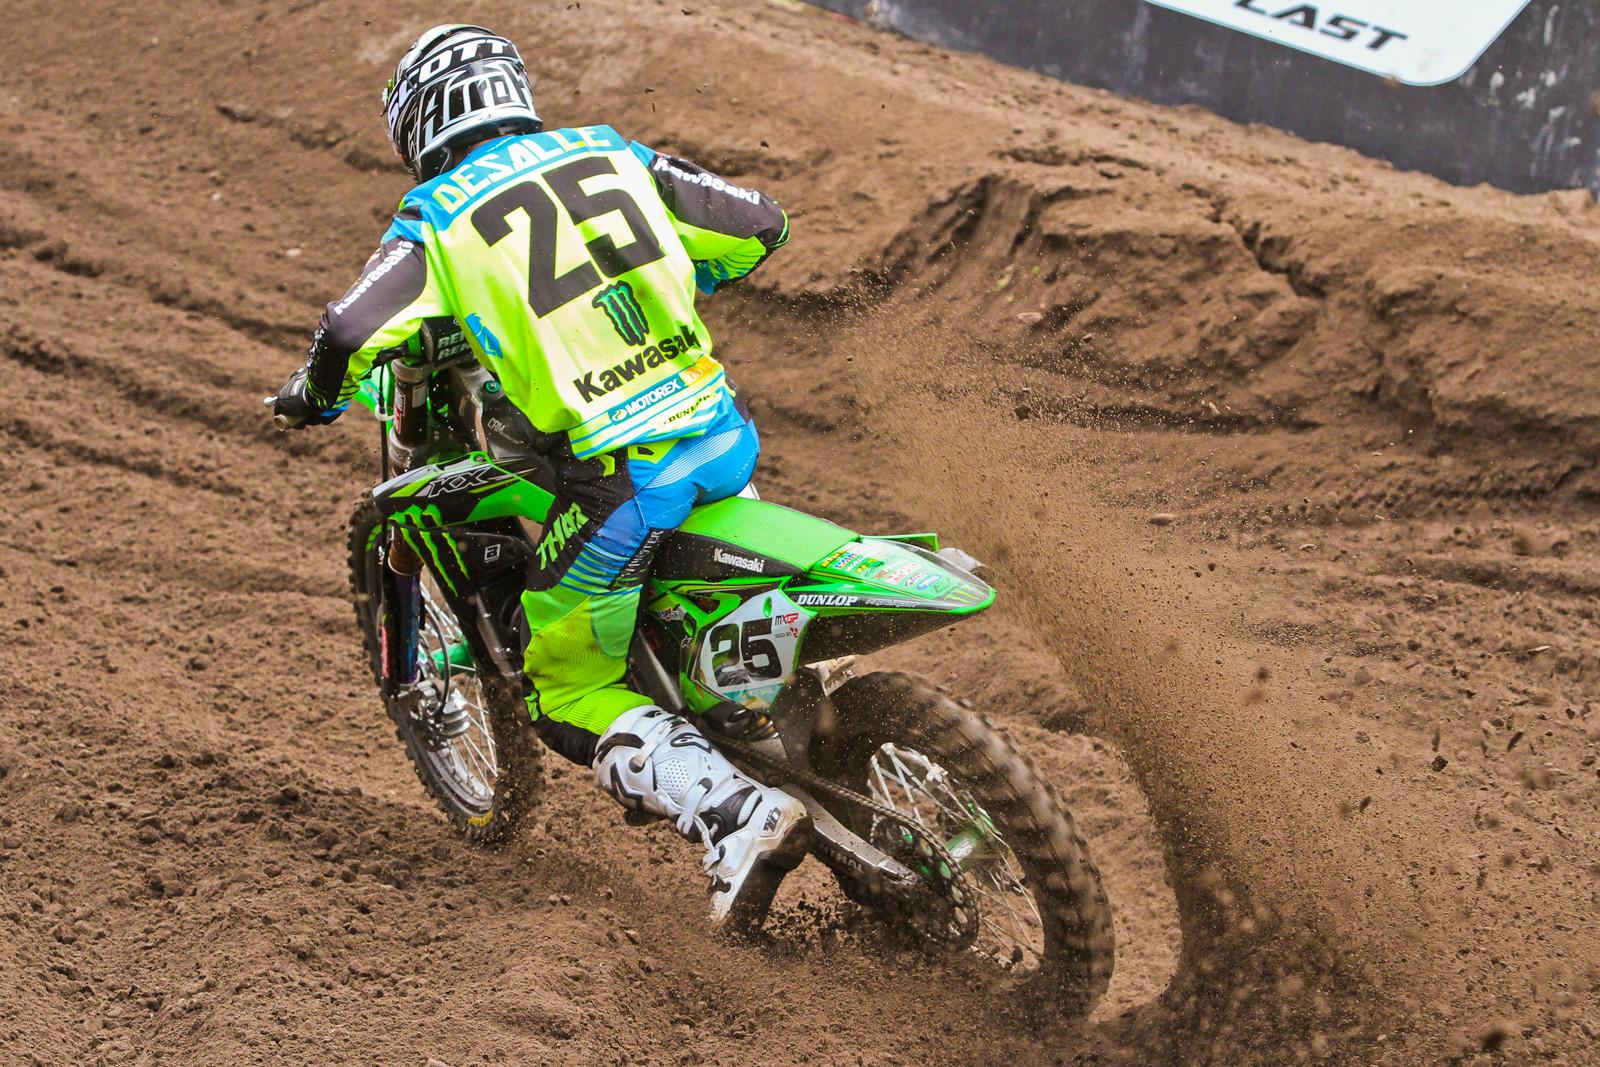 Clement Desalle - Photo Blast: 2017 MXGP of Valkenswaard - Motocross Pictures - Vital MX